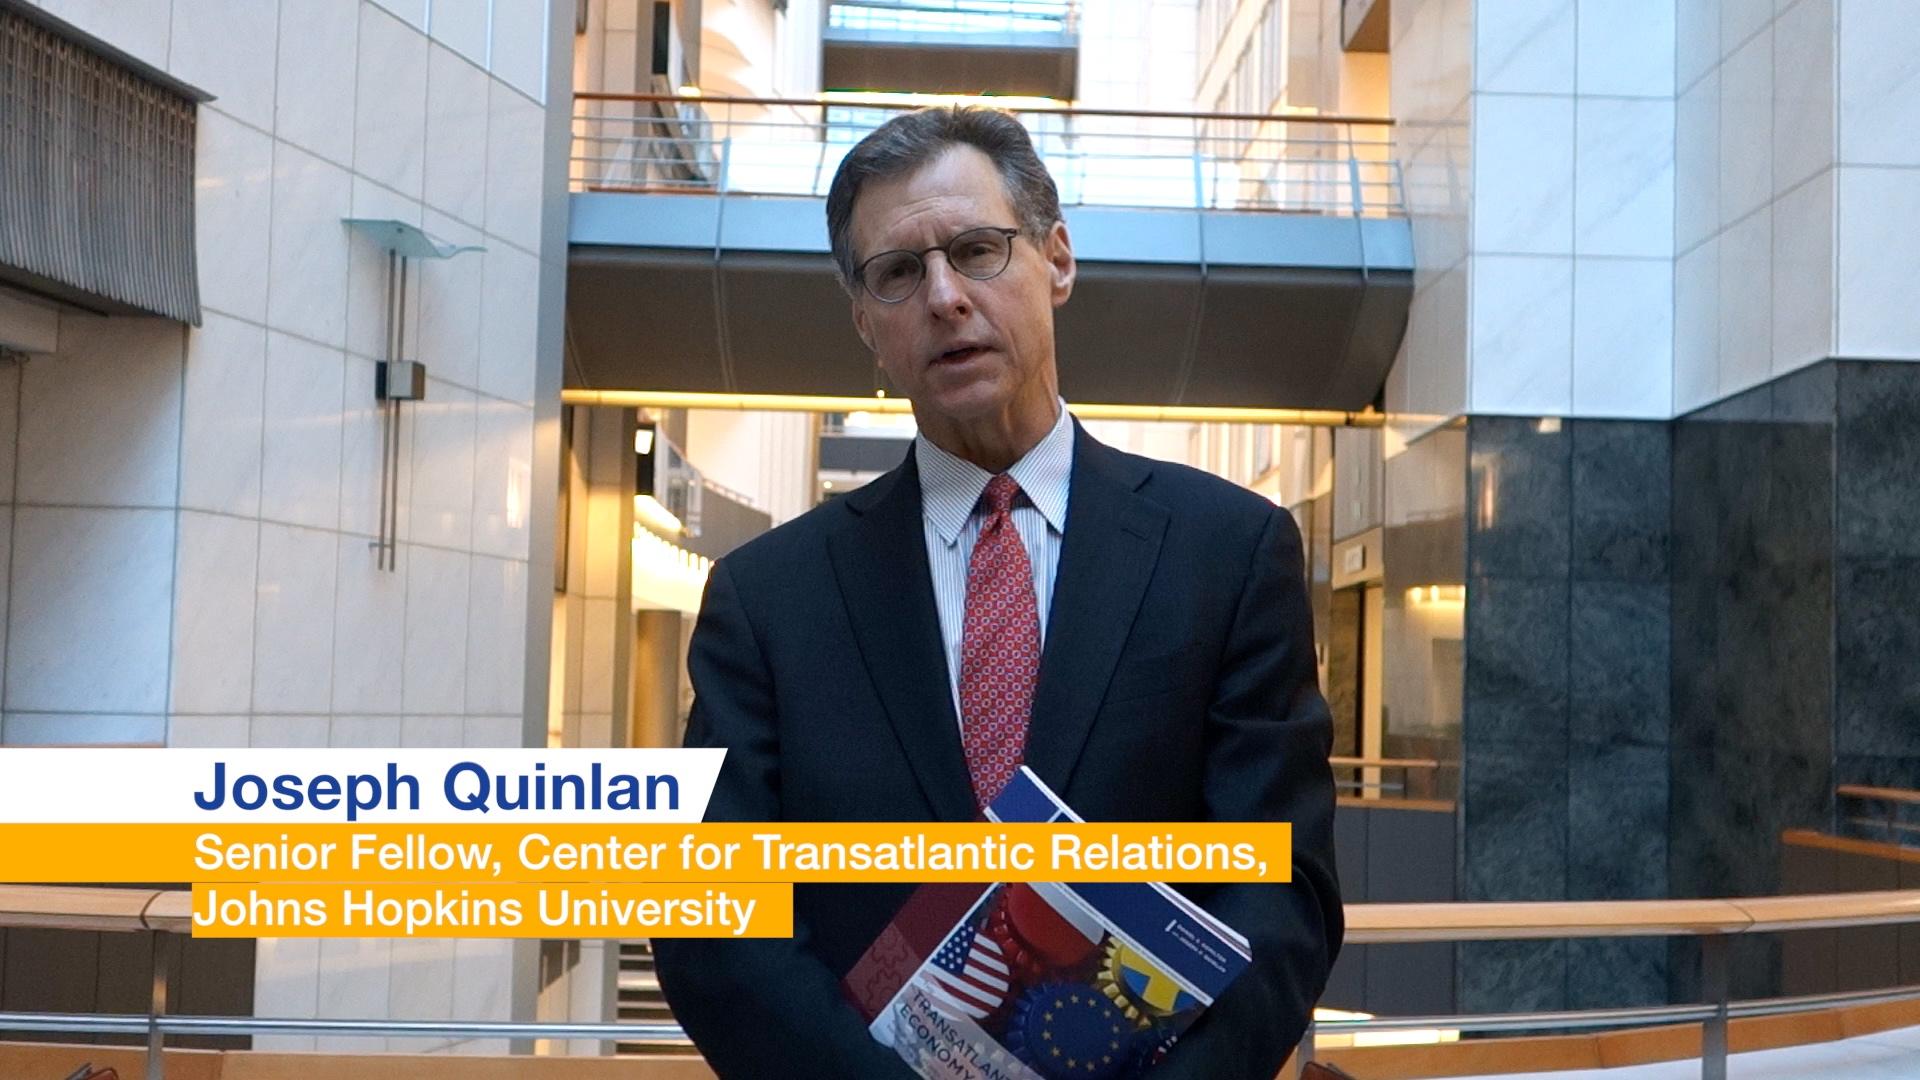 Joseph Quinlan